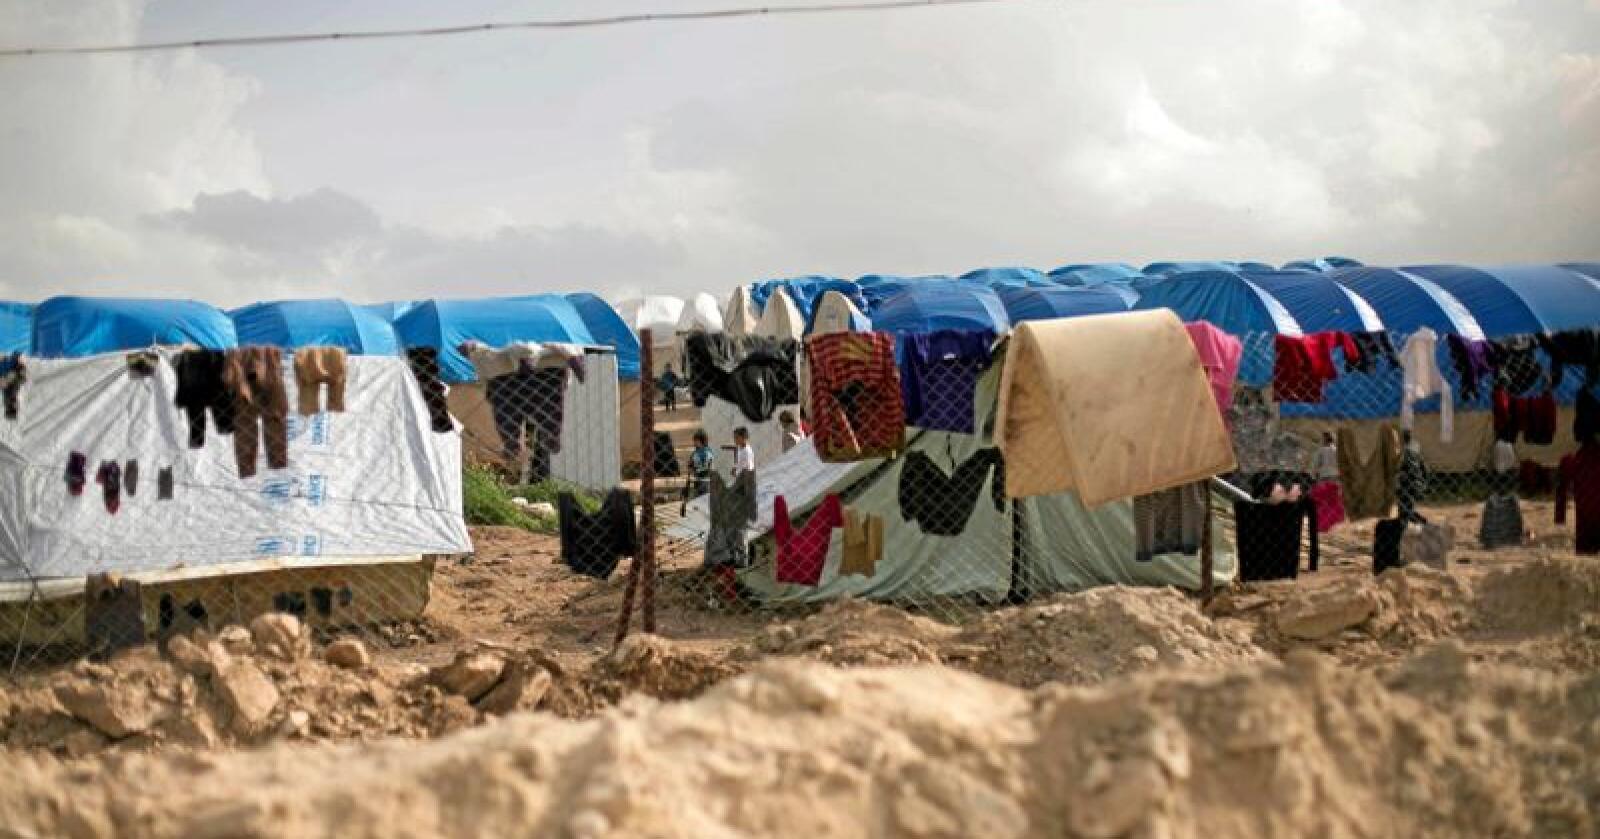 Flyktninger: Barn med norsk statsborgerskap lever under fryktelige forhold i flyktningerleir i Syria. Foto: Maya Alleruzzo/AP/NTB scanpix